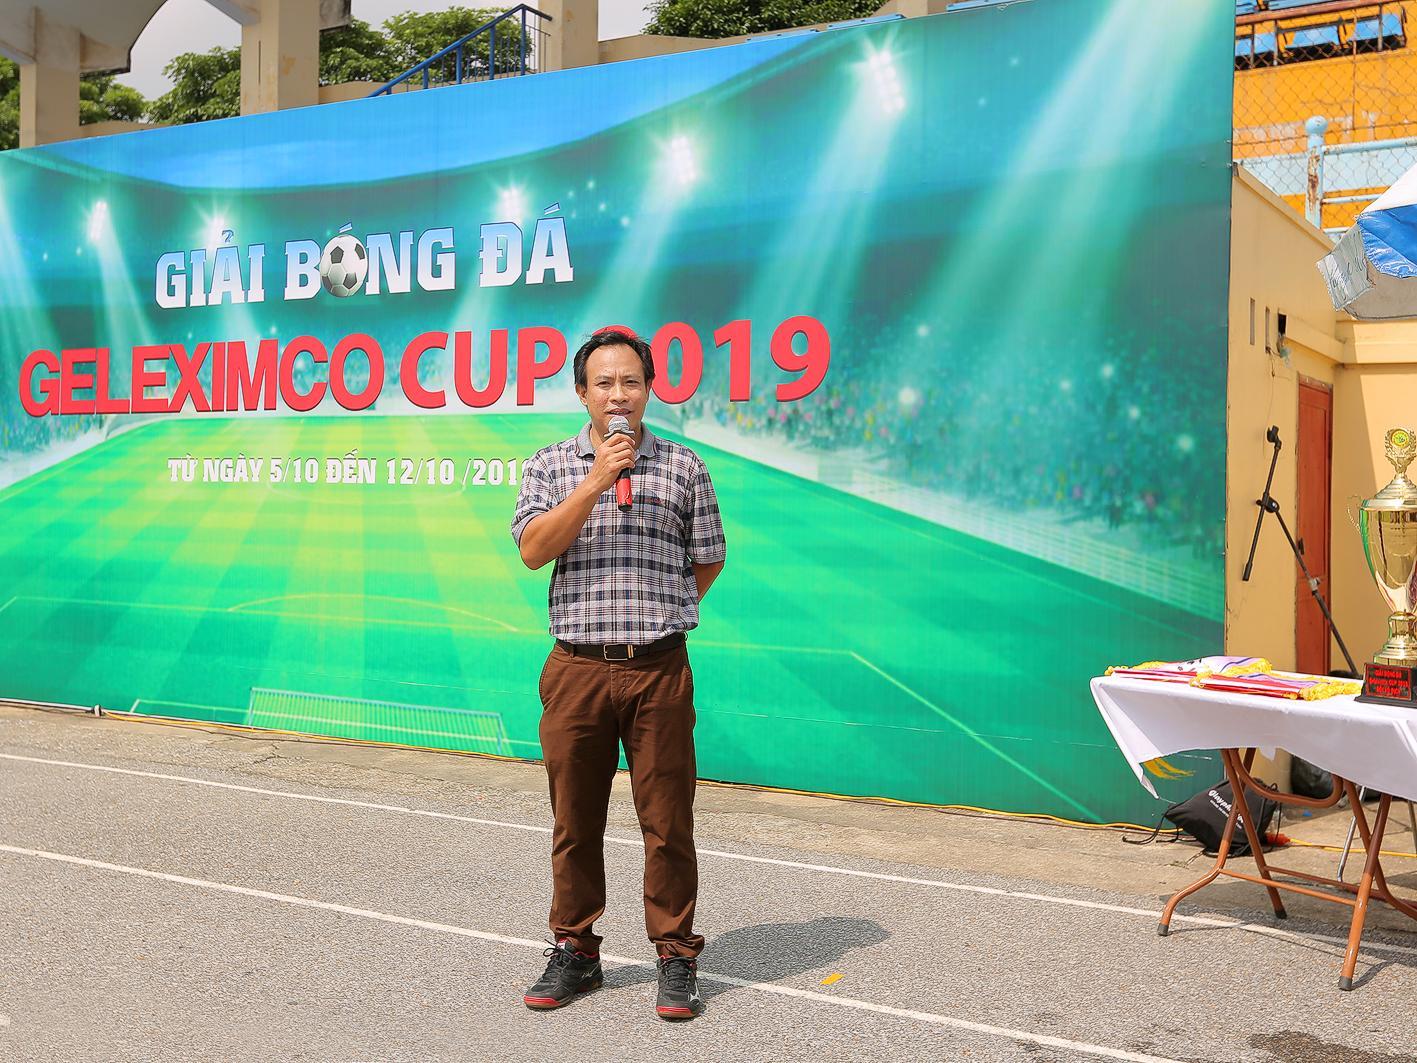 Ông Trịnh Xuân Quang - Trưởng ban tổ chức giải phát biểu tại Lễ bế mạc và trao giải.